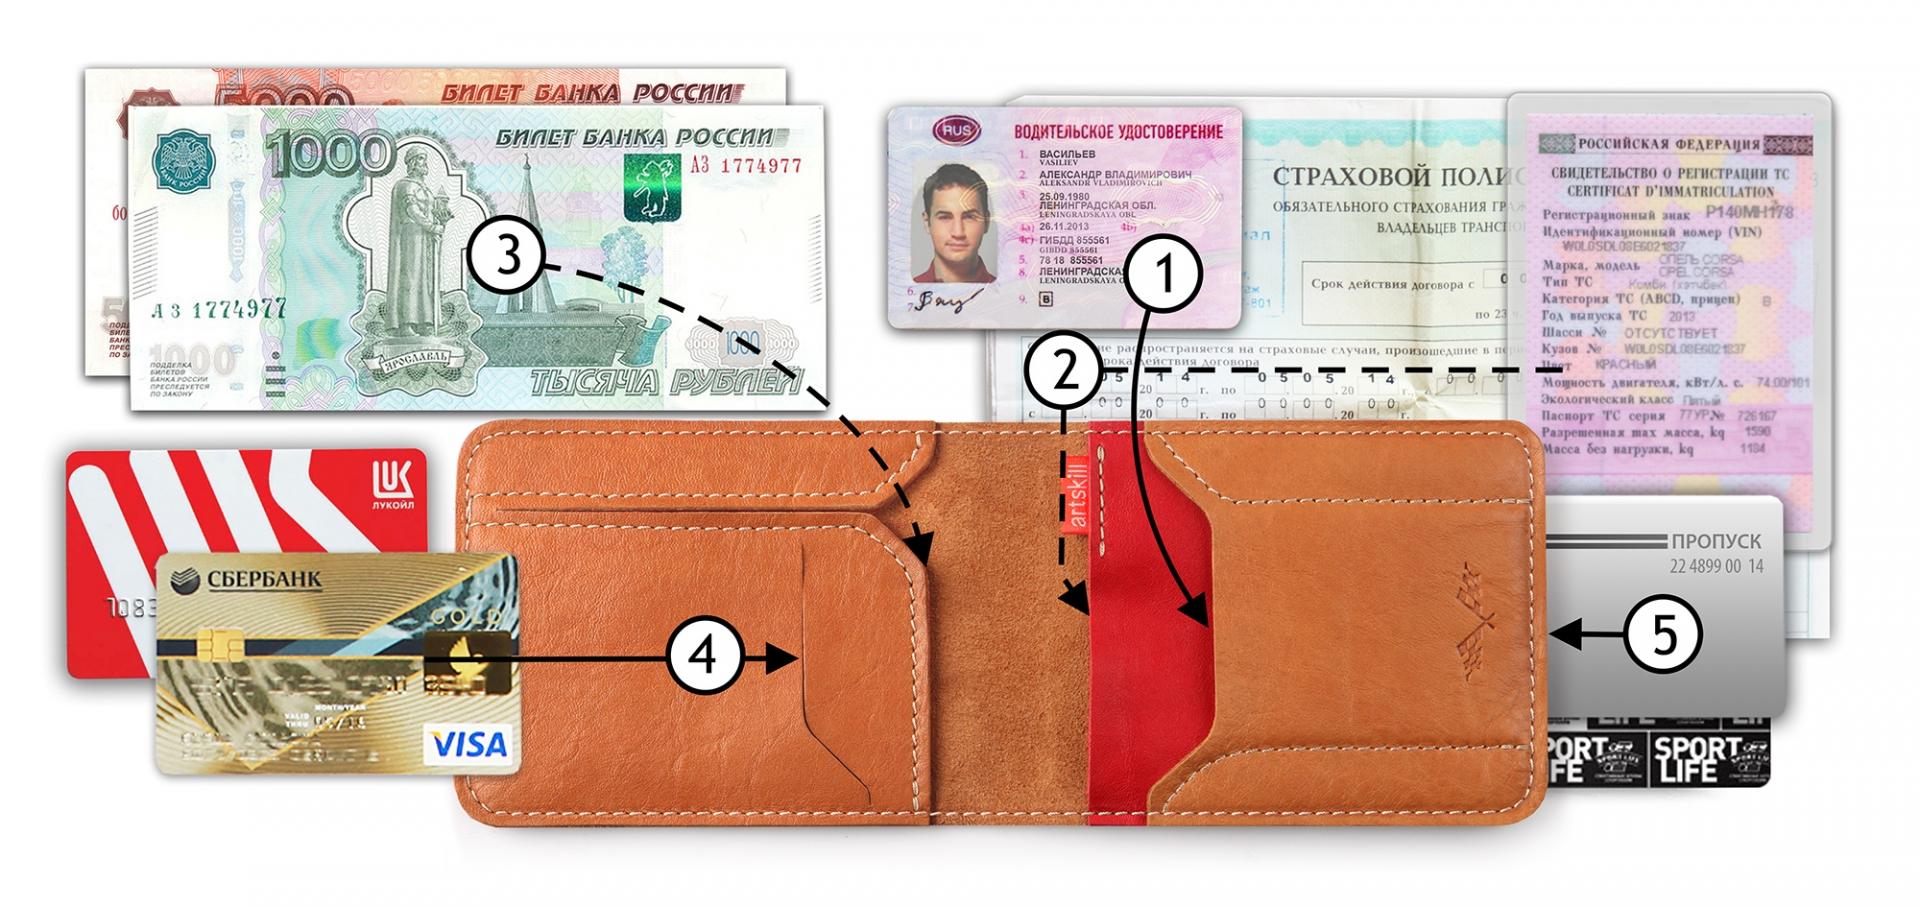 Как сделать обложку для водительского удостоверения